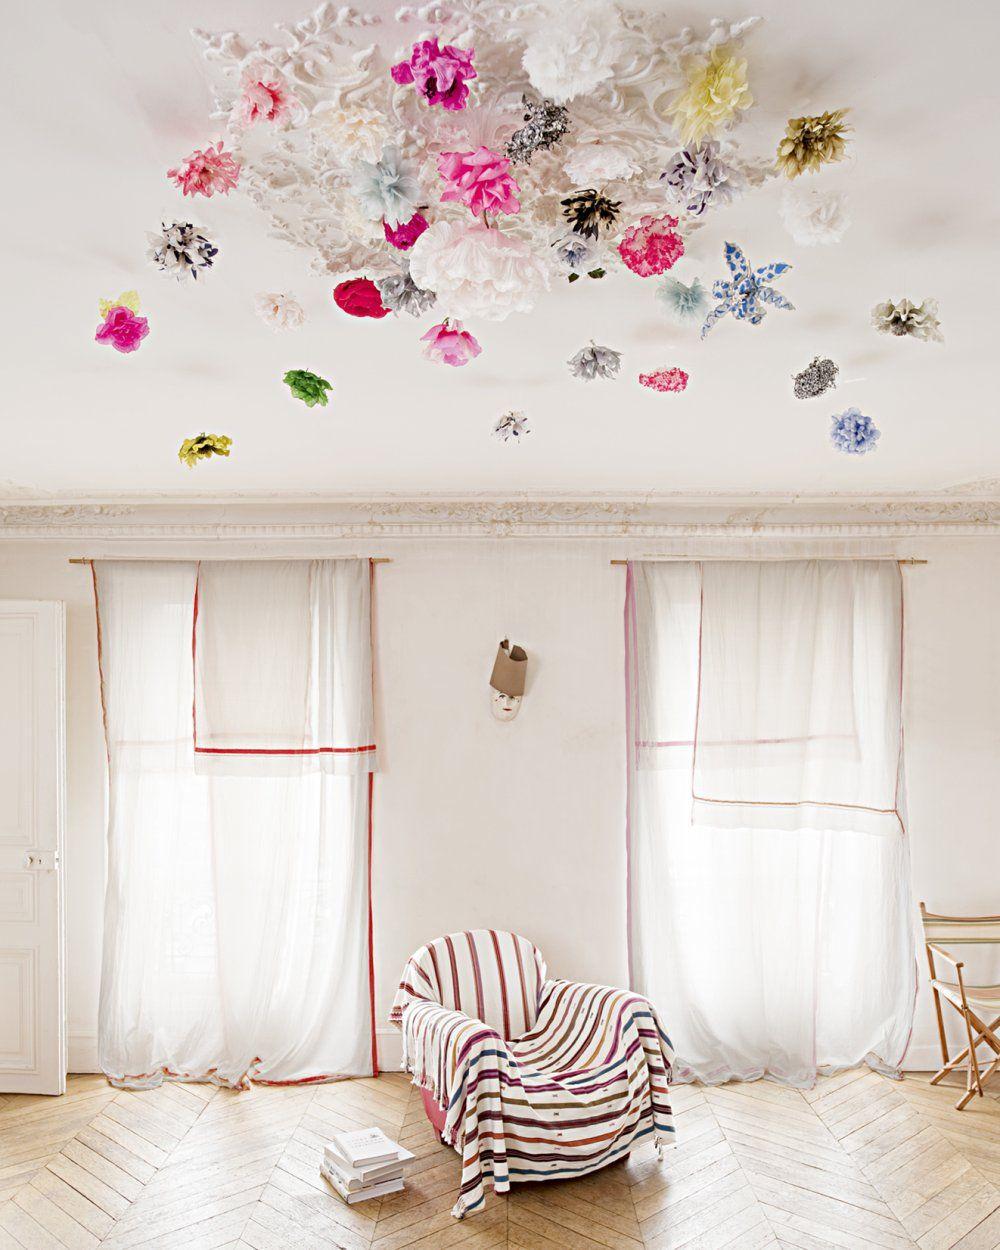 слову, сегодня как украсить потолок своими руками фото нужен воздух